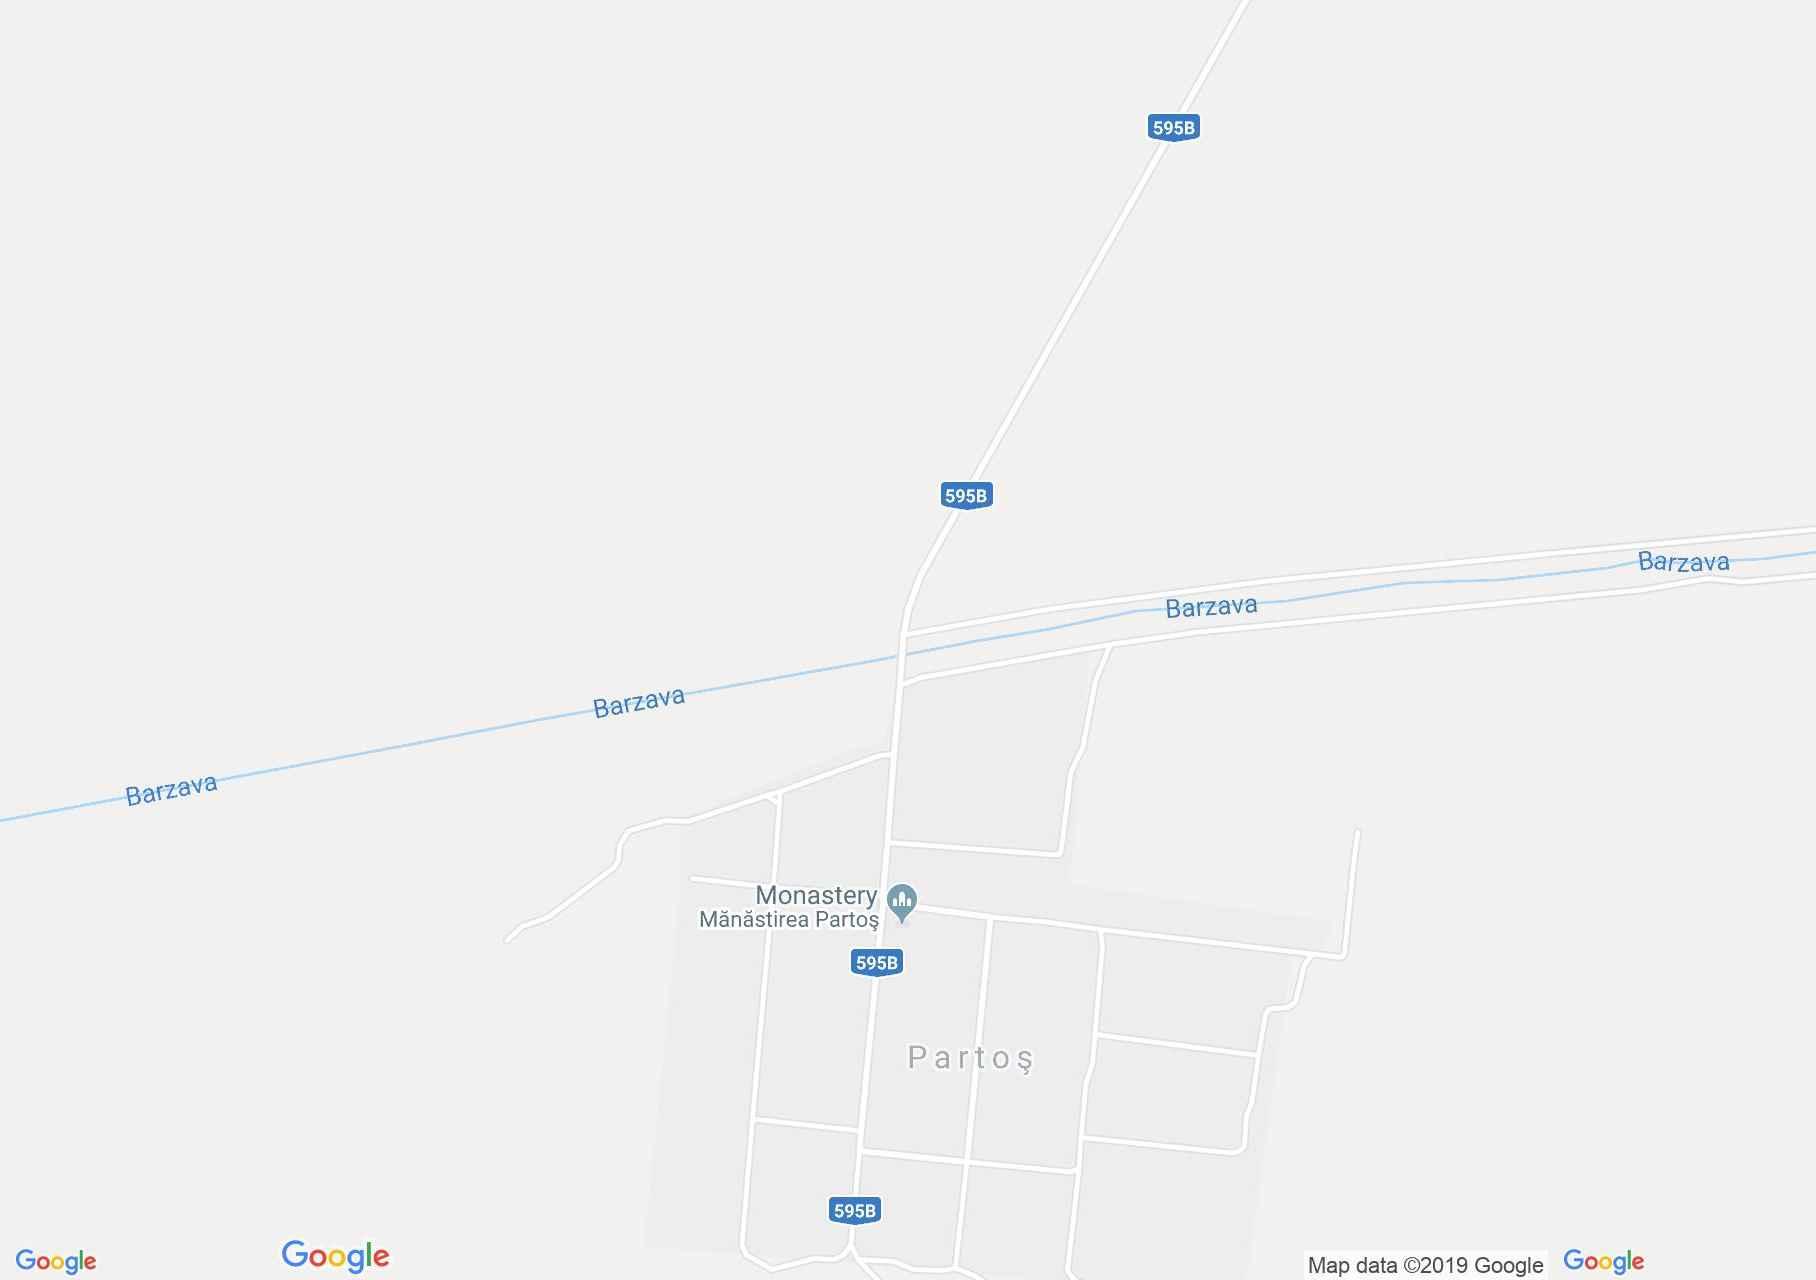 Hartă Partoş: Mănăstirea Partoş